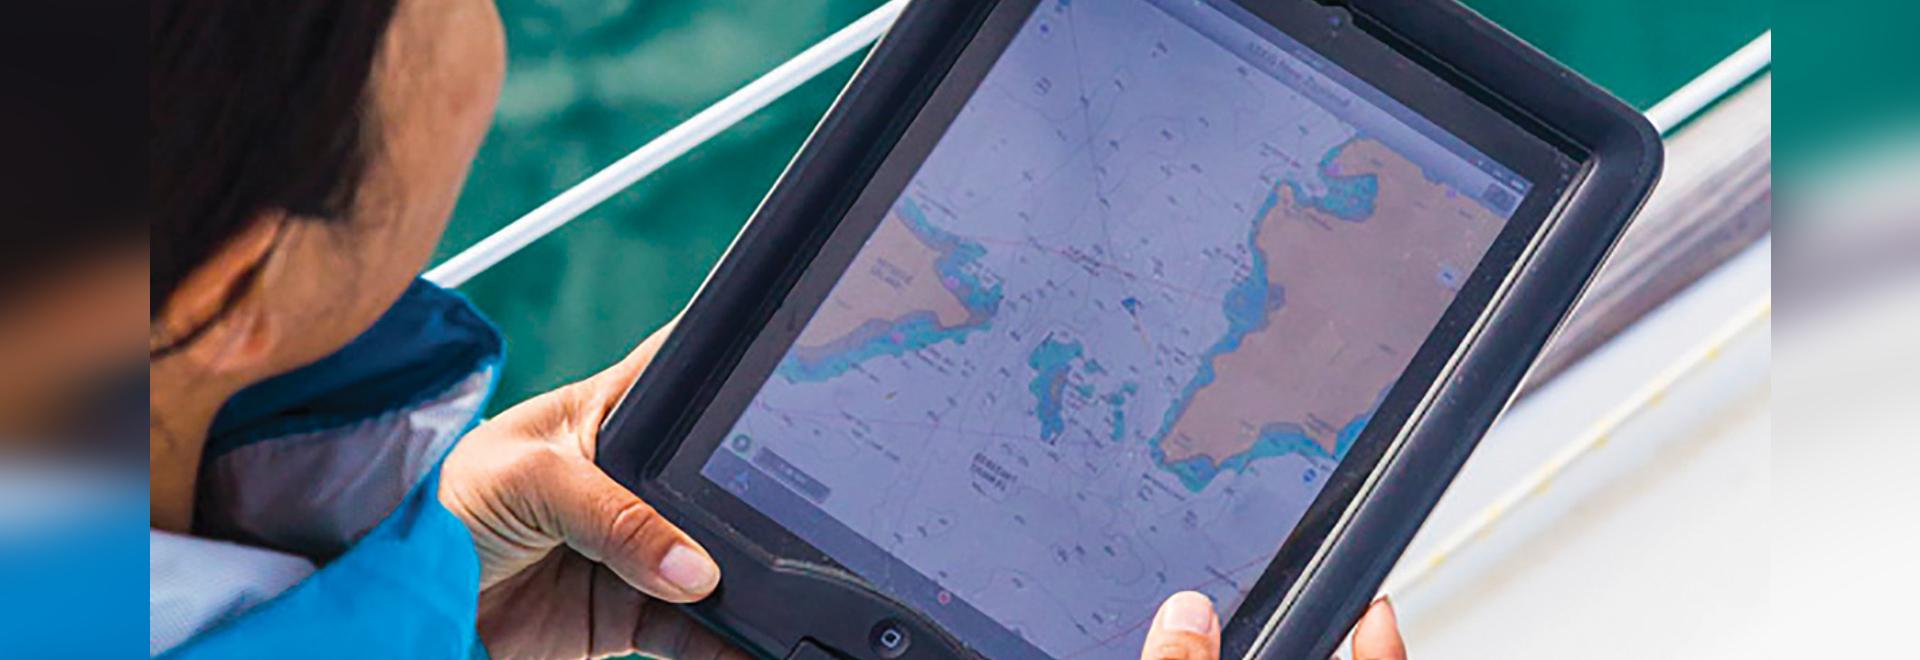 la navigation sur l'iPad : Les meilleurs conseils de Pip Hare sur l'utilisation de votre tablette pour naviguer